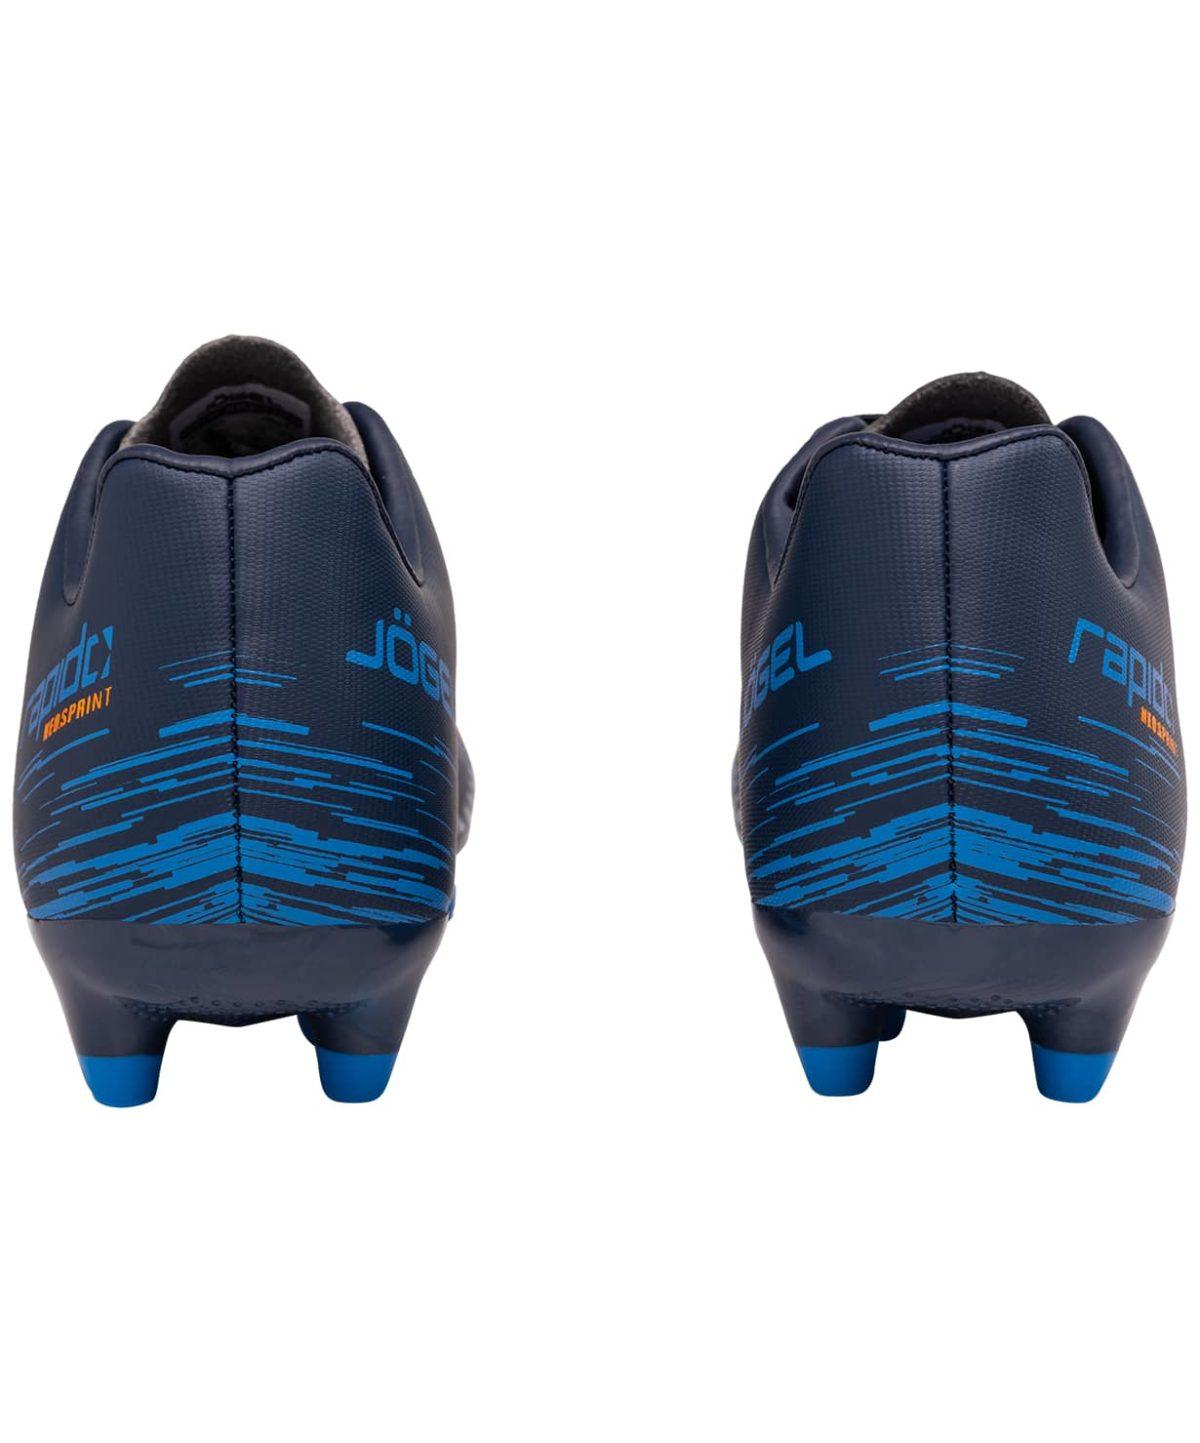 JOGEL Бутсы футбольные Rapido (39-40) JSH401-Y: синий - 2